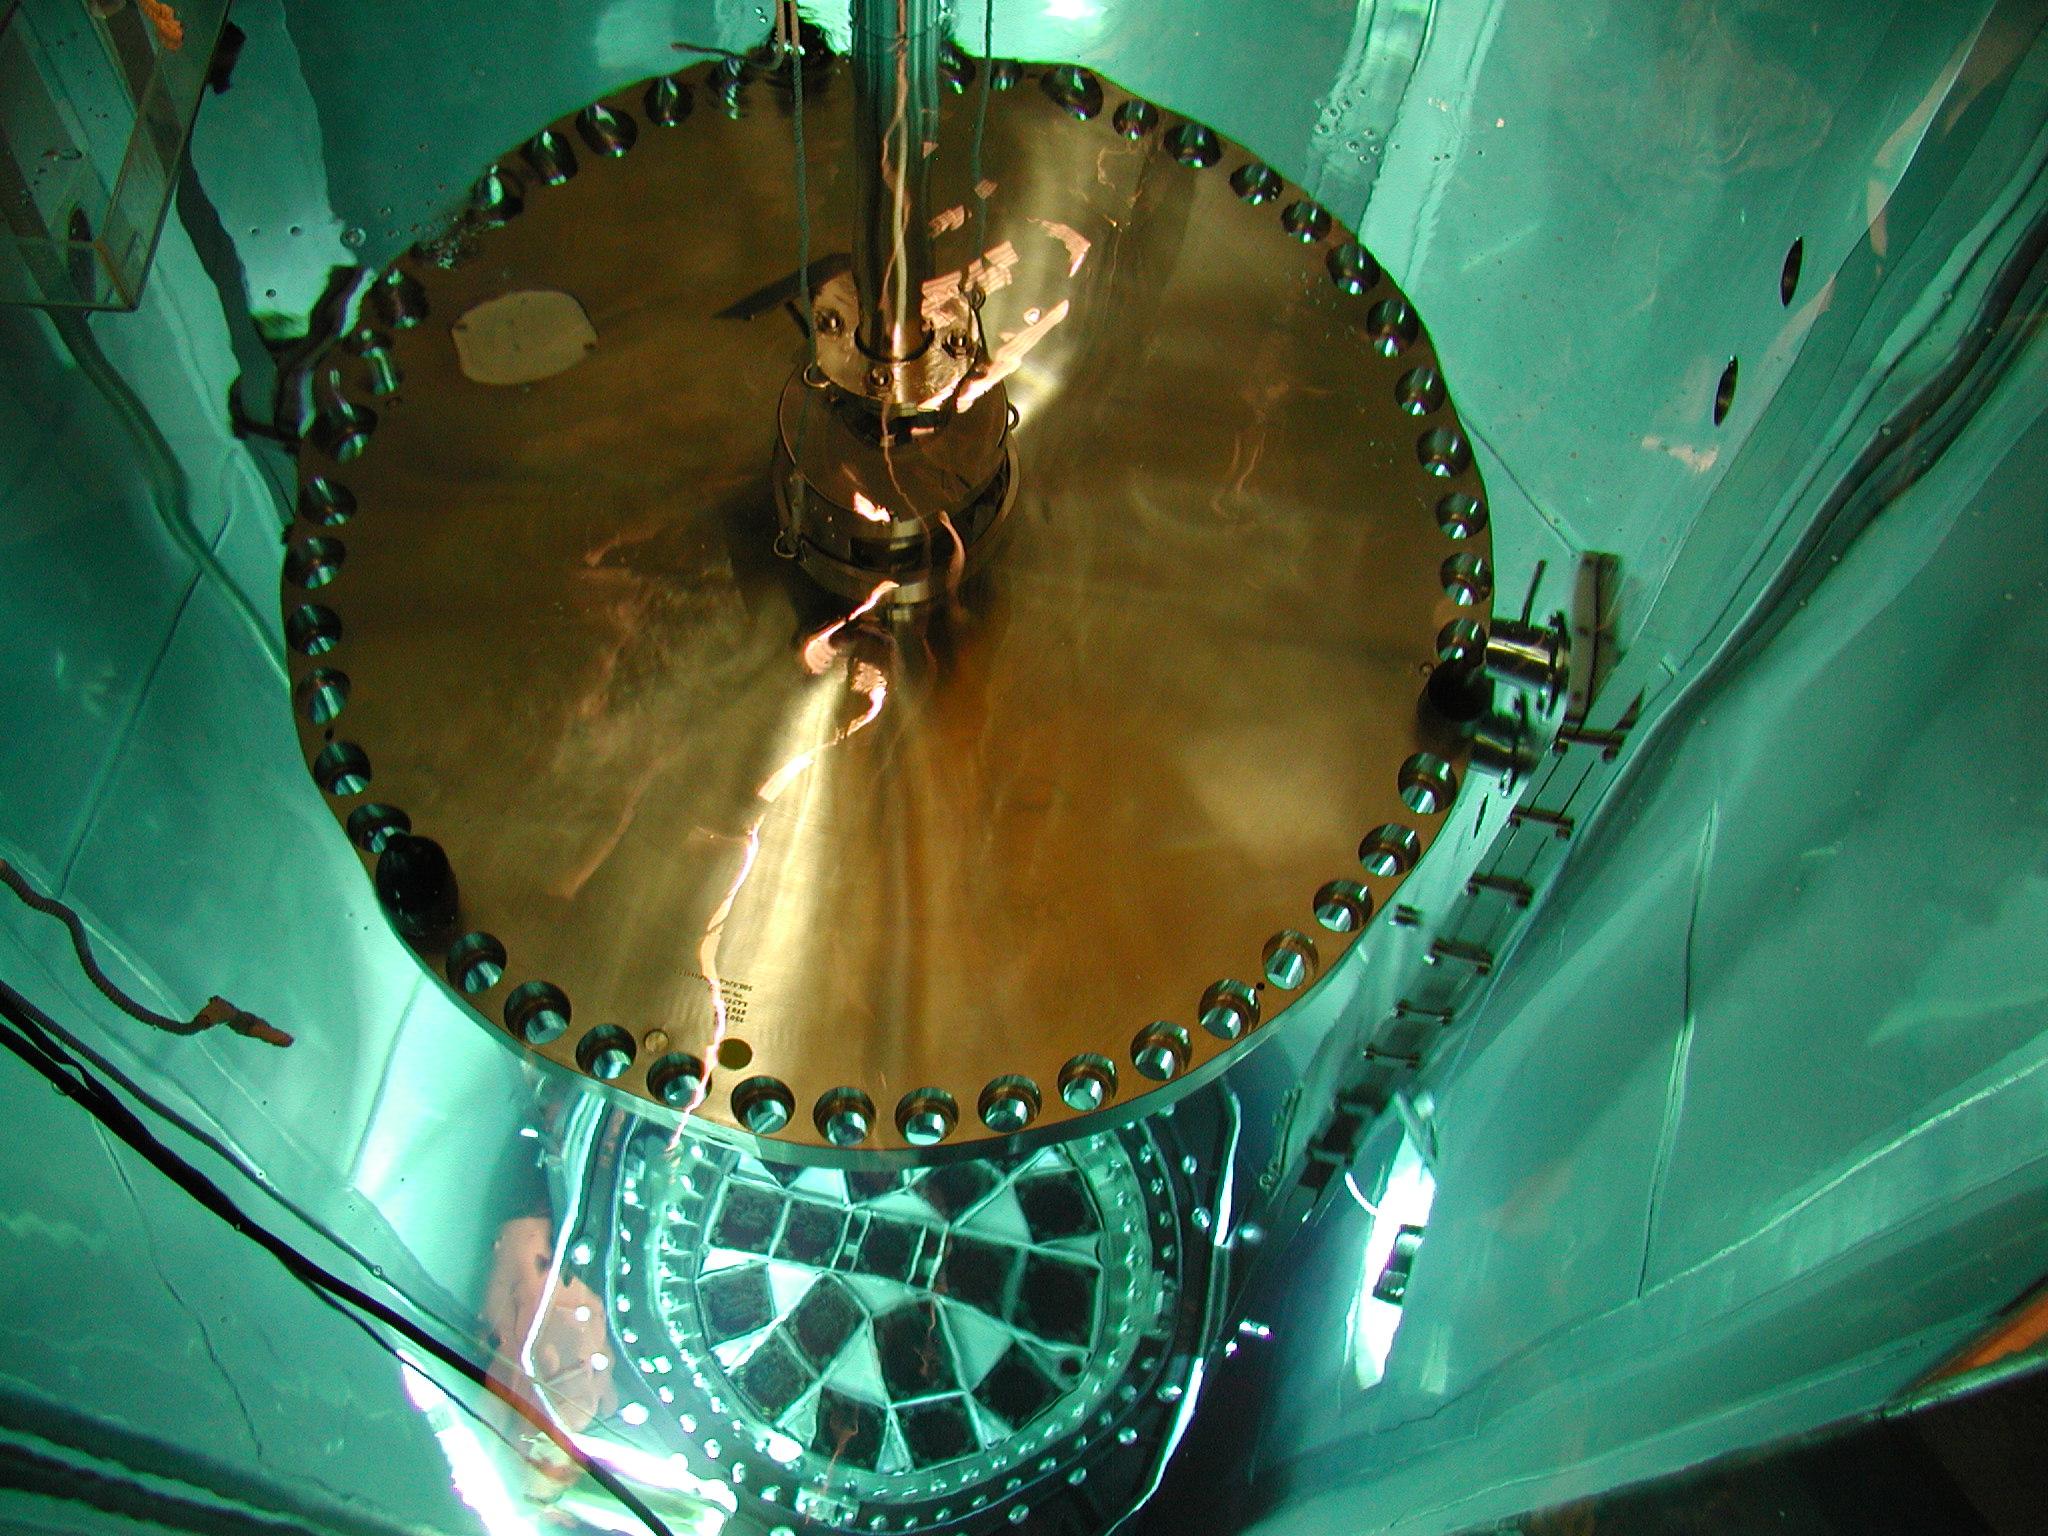 Anmerkungen zur Debatte über die Sicherheit der Zwischenlager hoch radioaktiver Atomabfälle